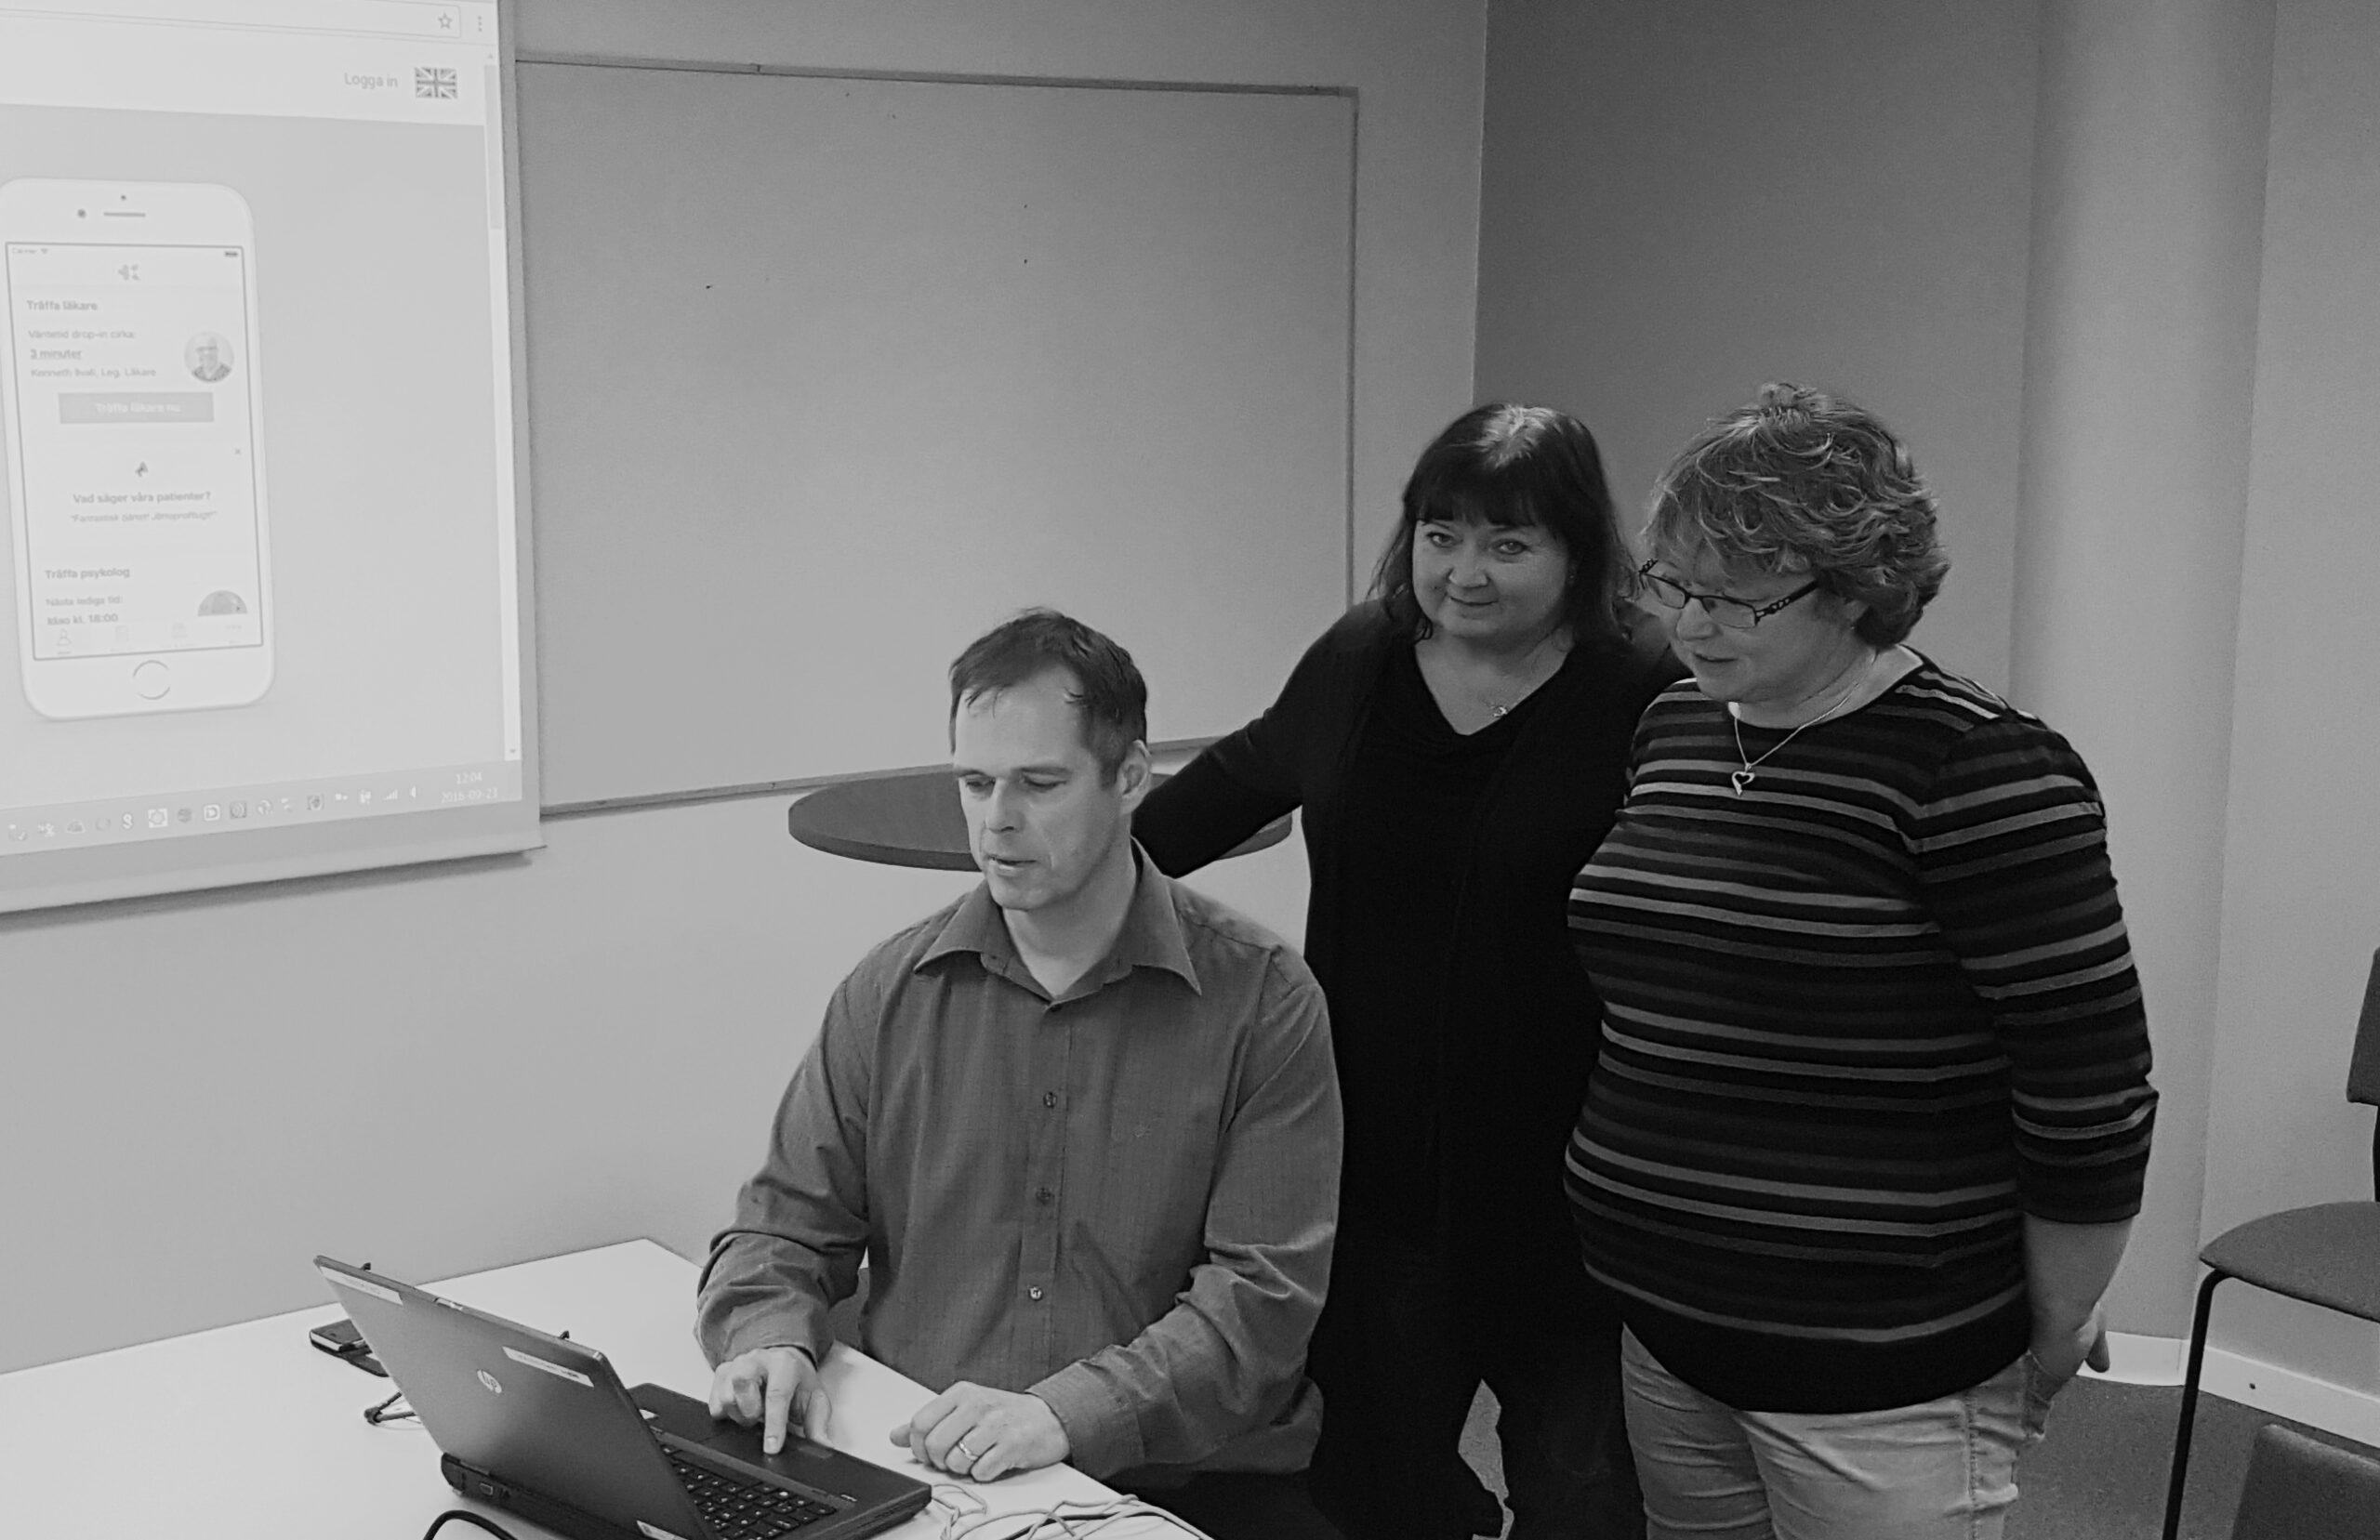 Användbarhet i fokus på läkarvisning av IT-system på Nordic Medtest